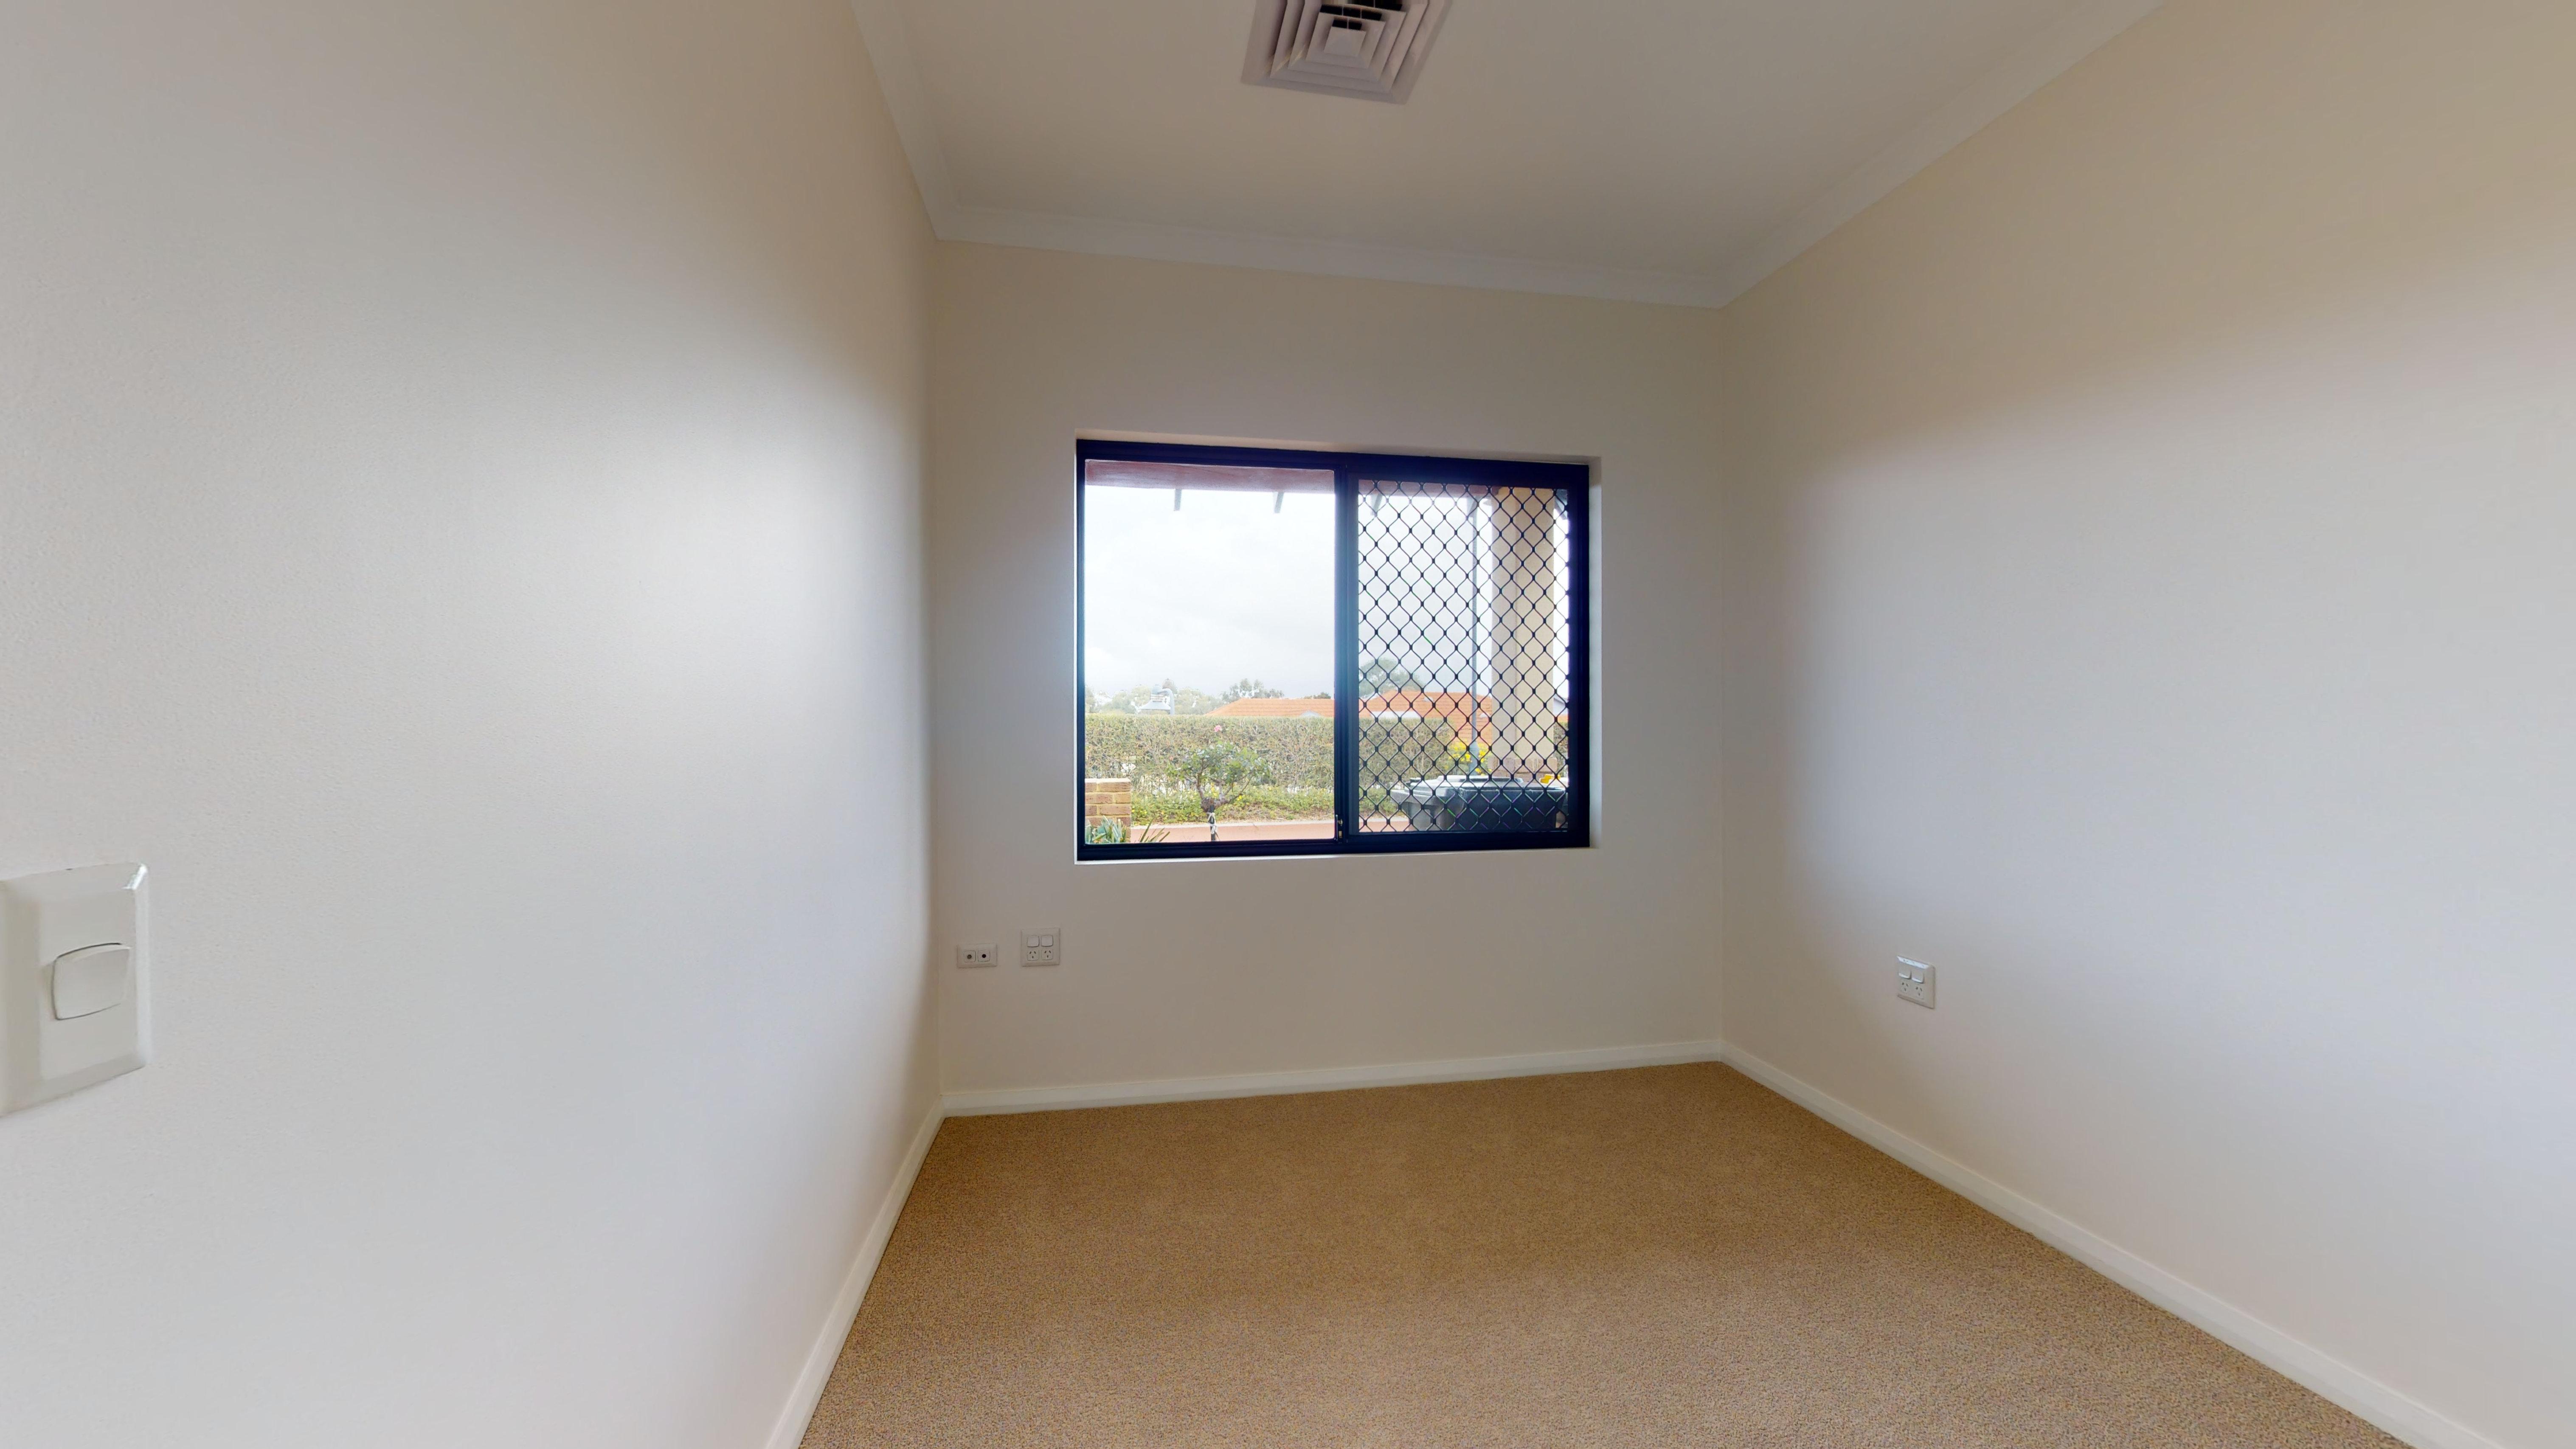 35483711 1626331083 24882 174 22 Windelya Rd Murdoch Bedroom Two1